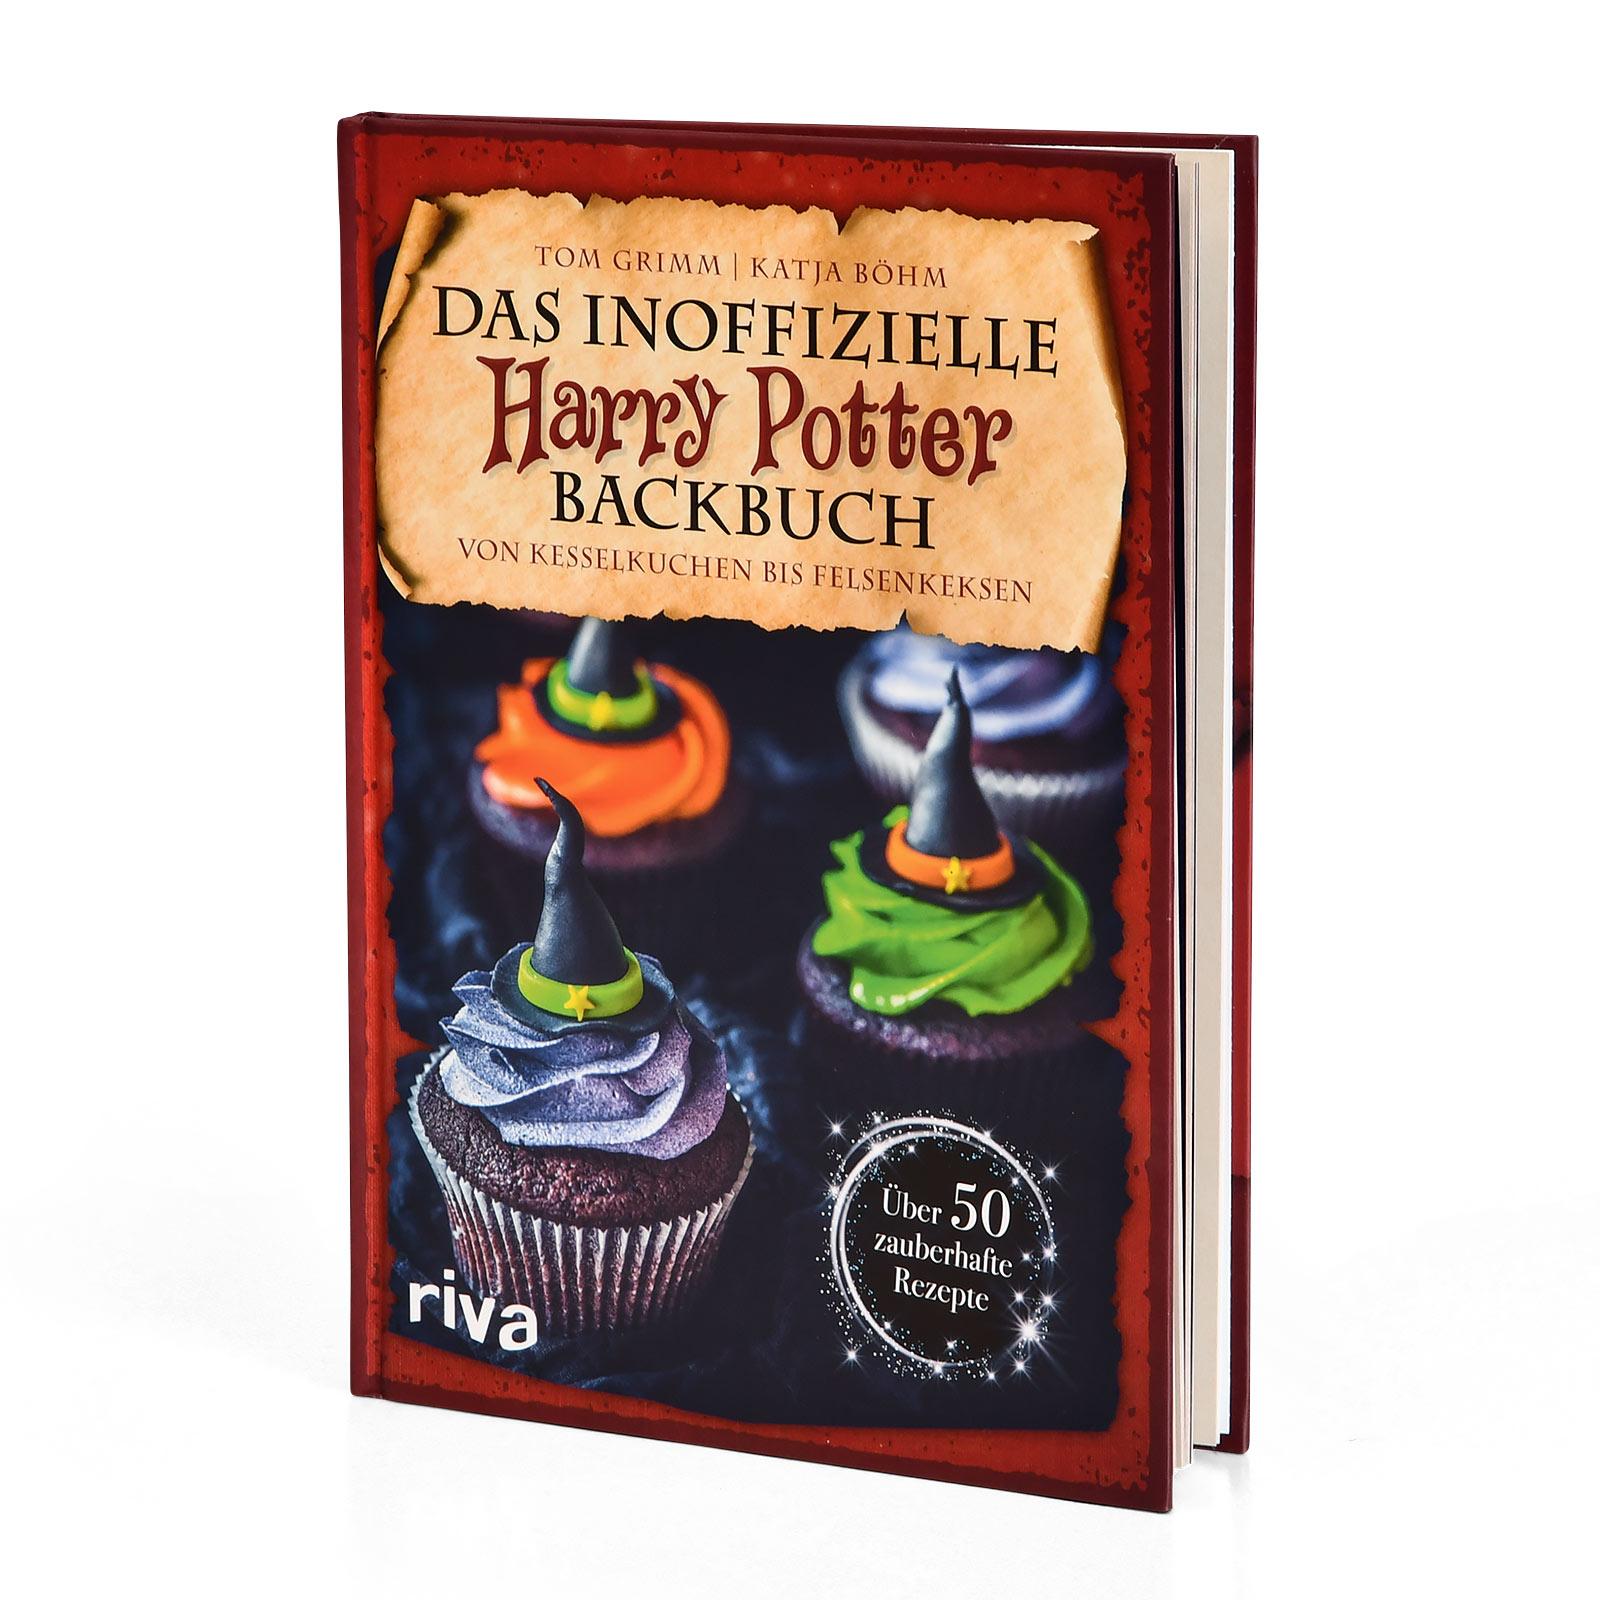 Harry Potter - Das inoffizielle Backbuch